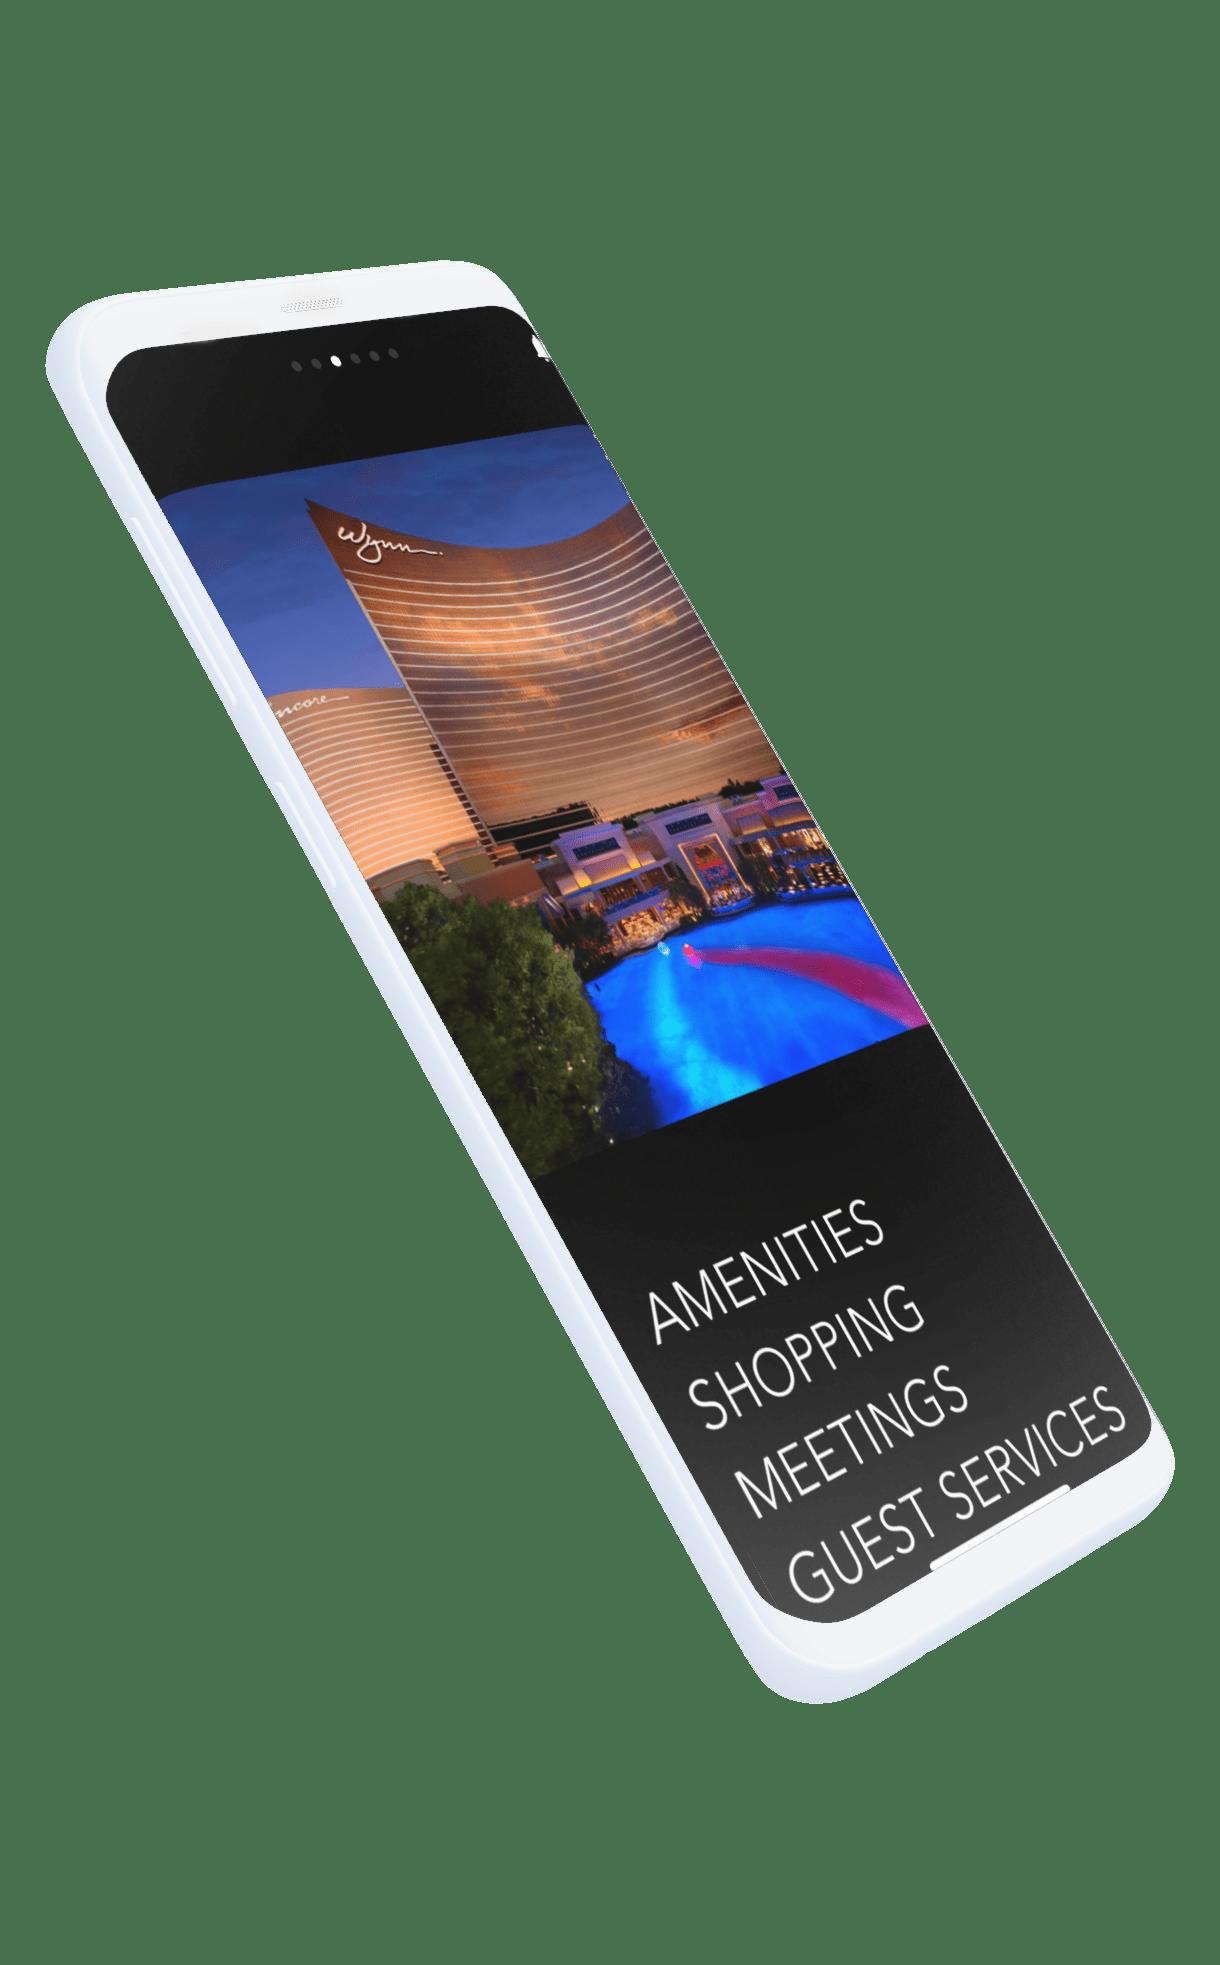 Custom app features phone picture